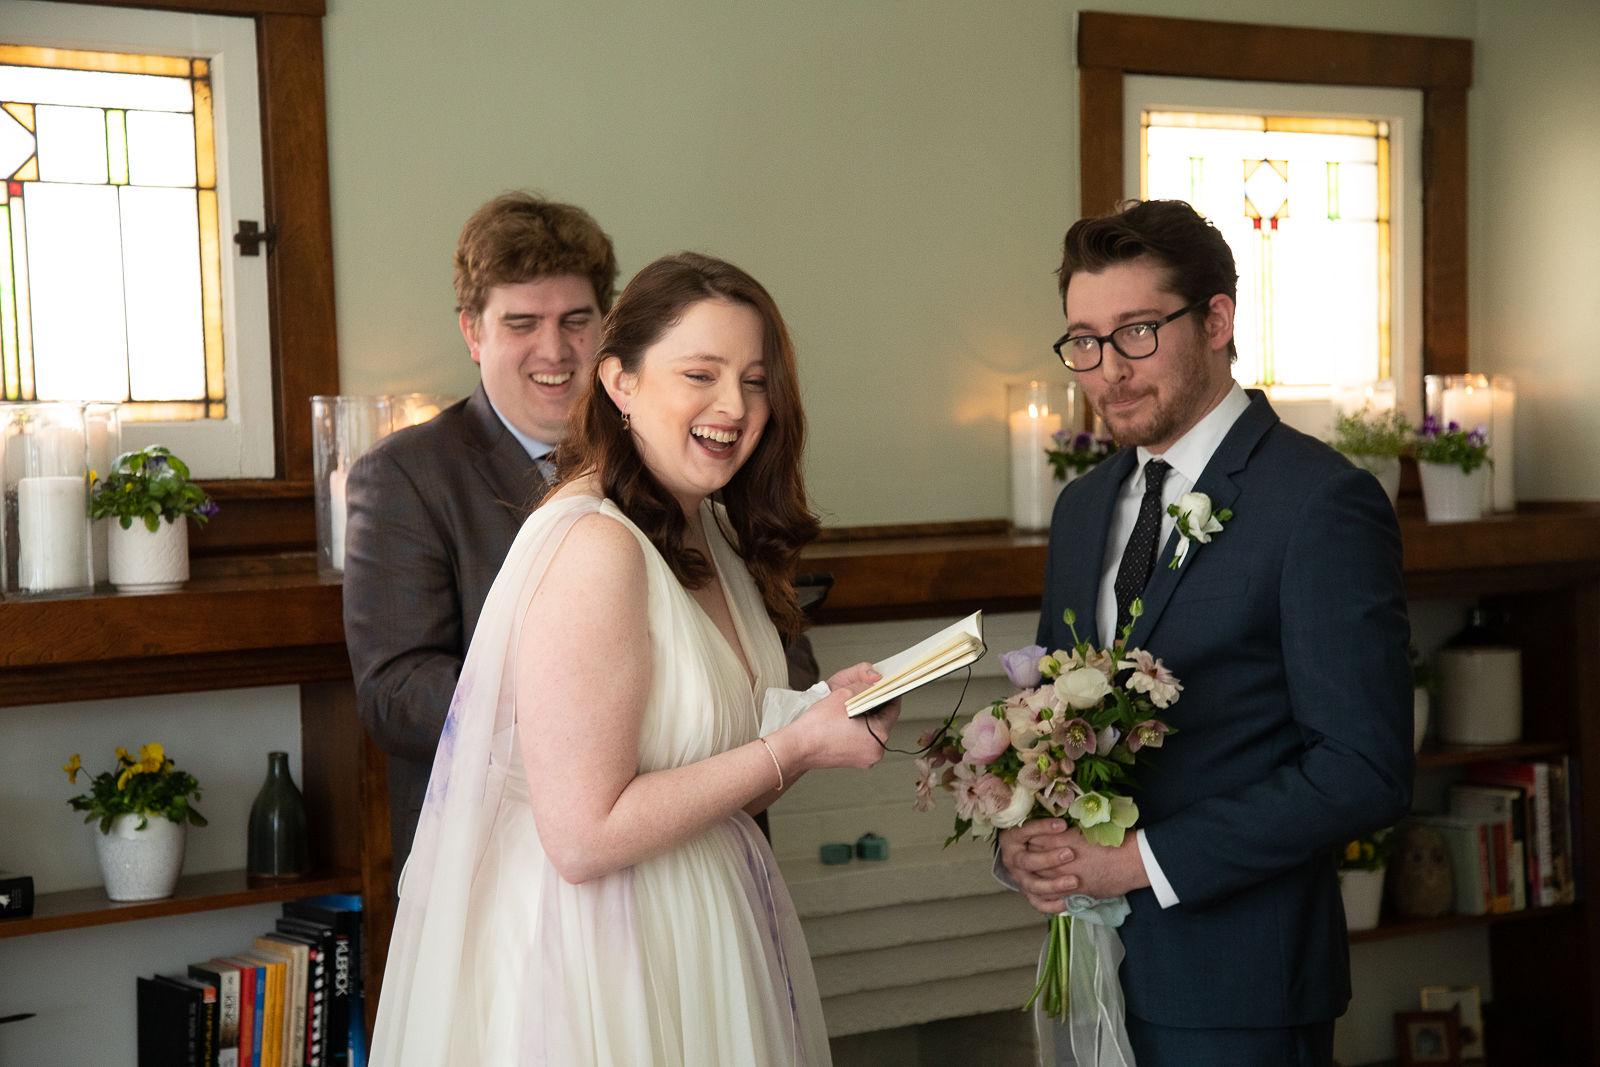 intimate wedding mini wedding zoom wedding home wedding chicago